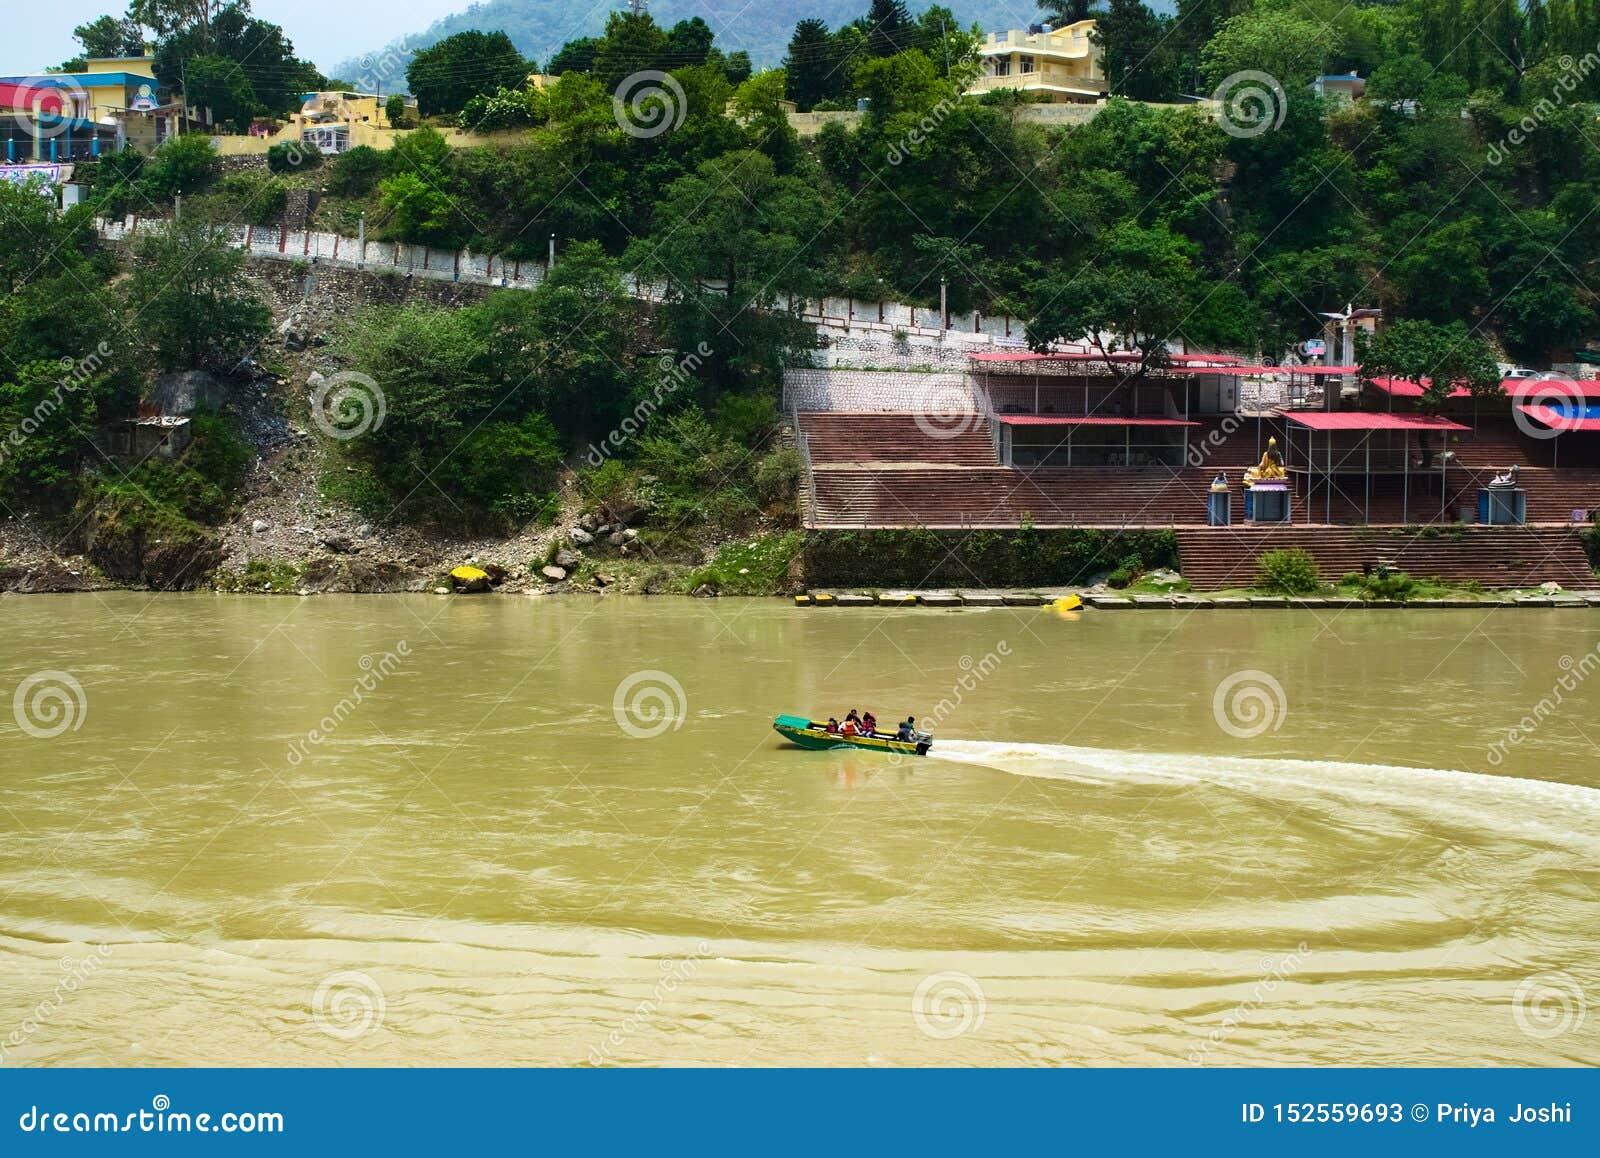 小船航行在河在圣城印度非常普遍的旅游目的地和美好的自然surroundin的瑞诗凯诗